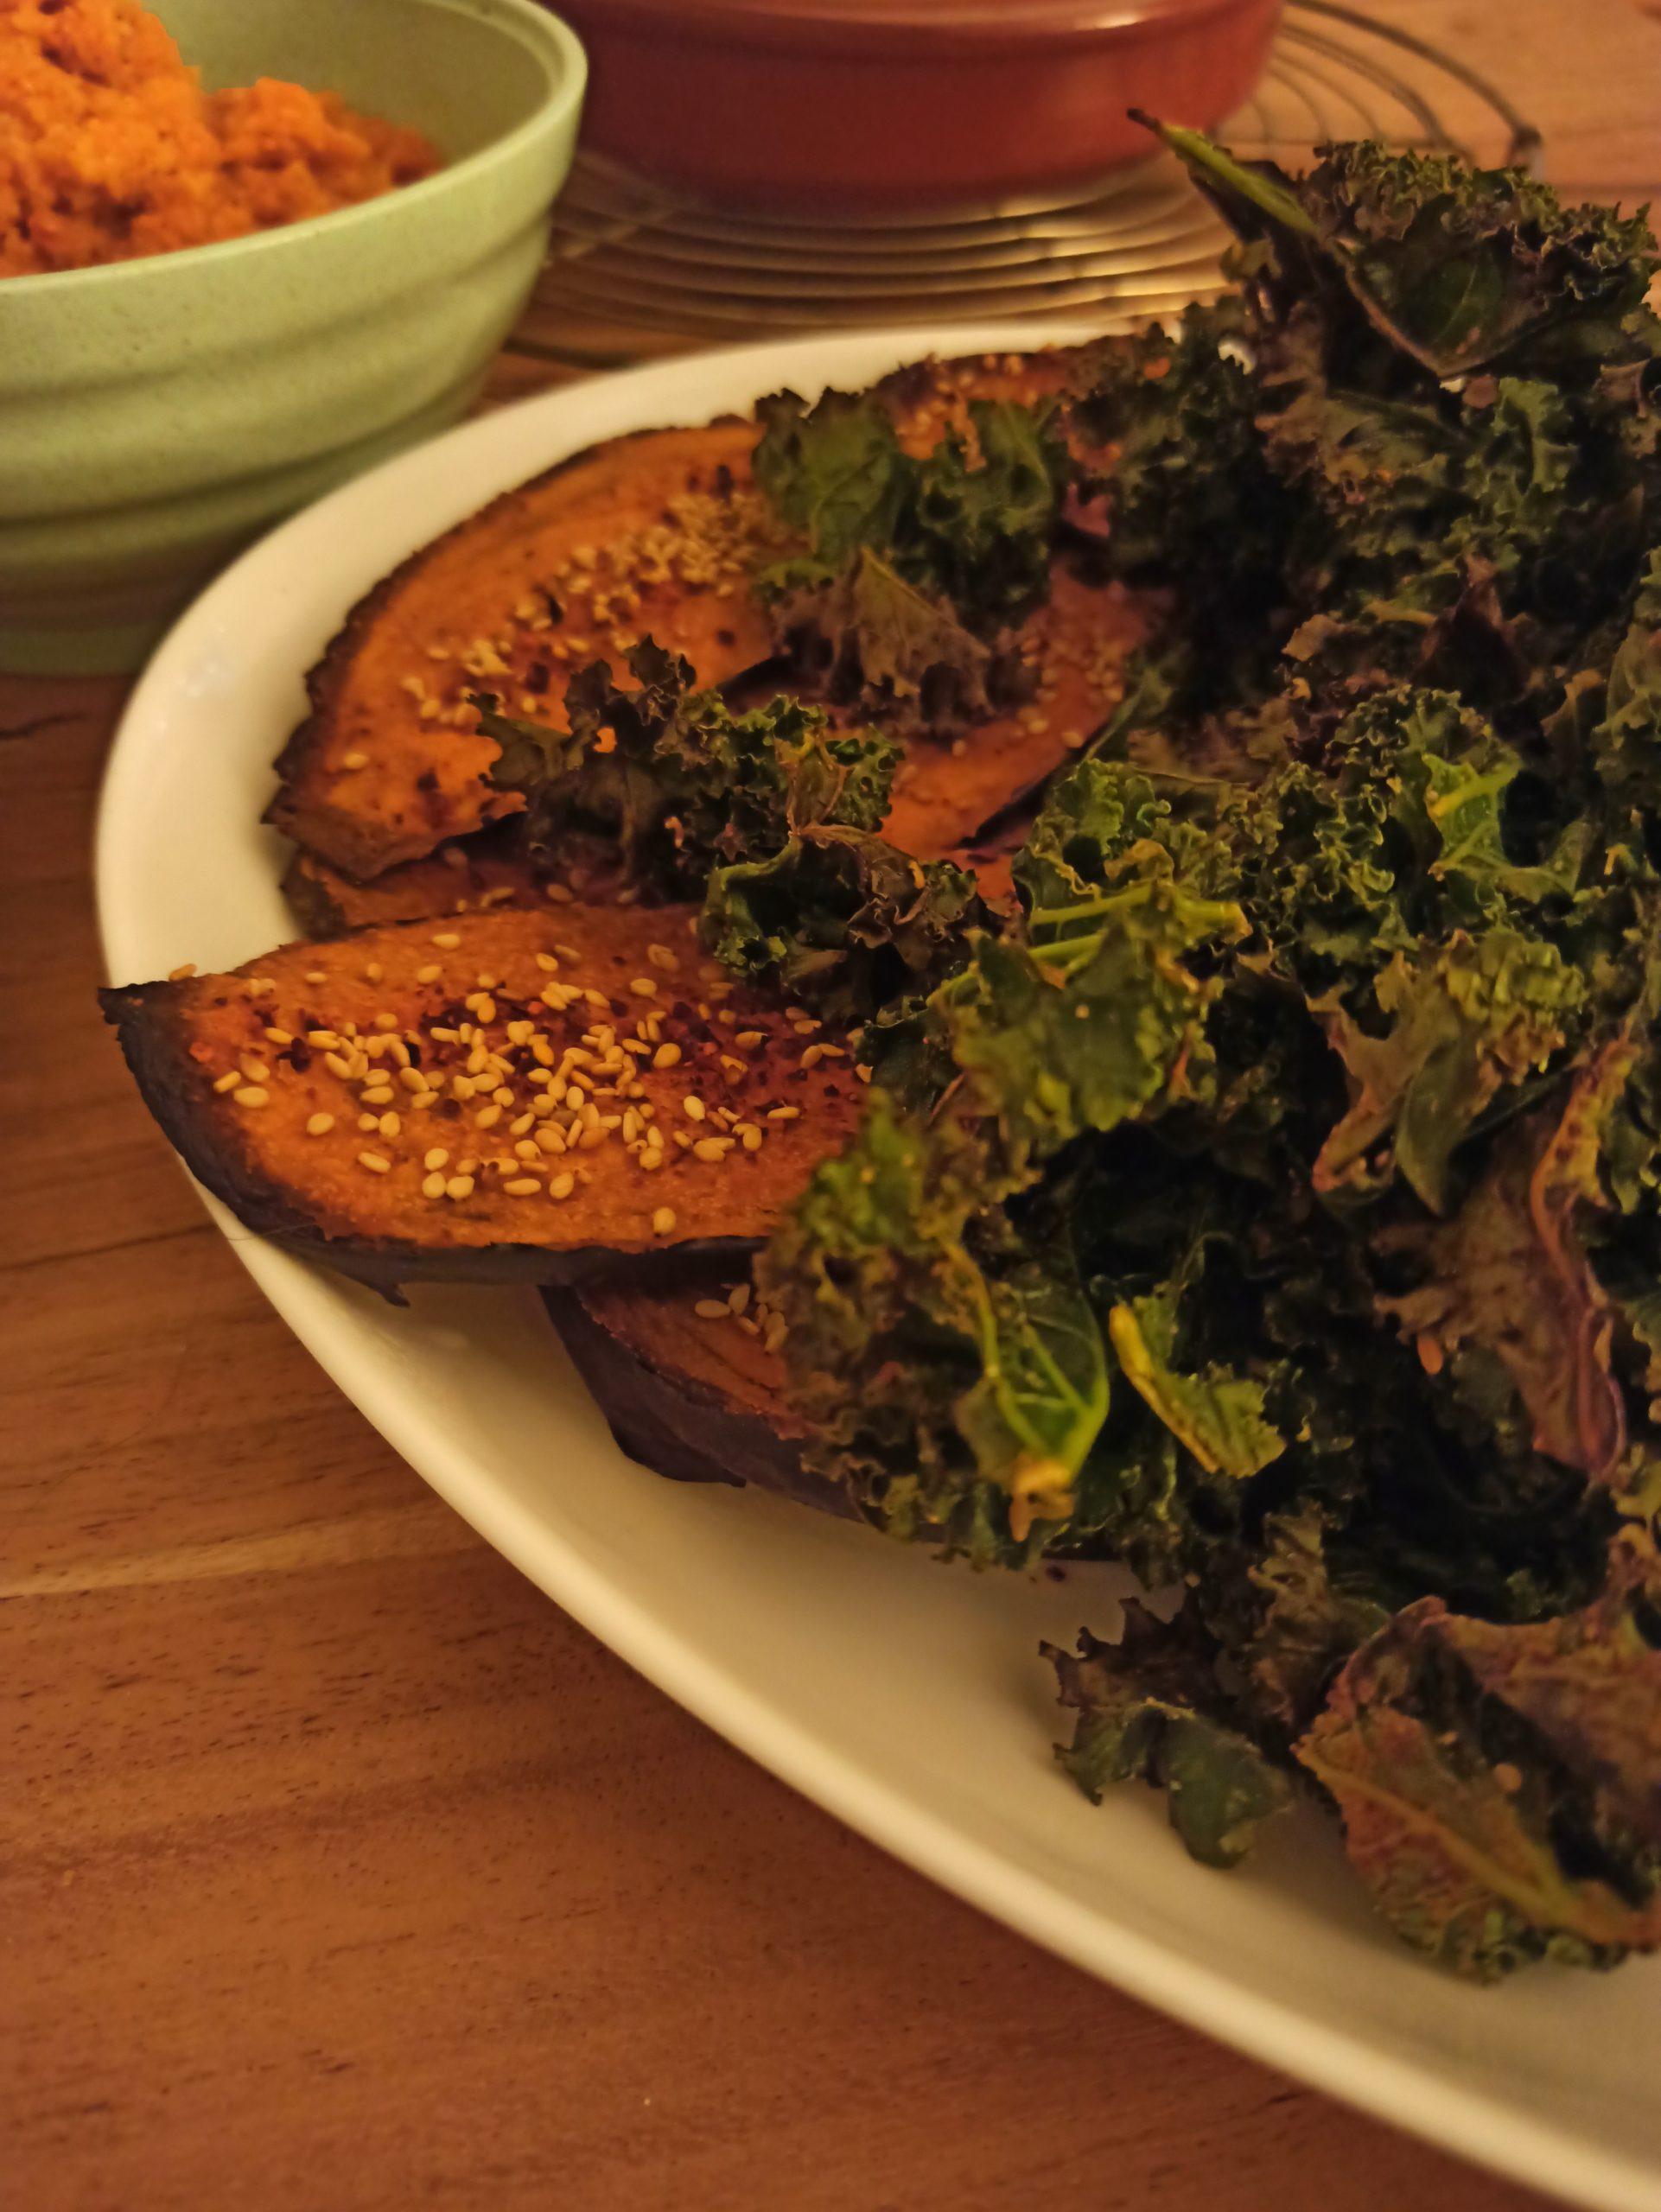 Feldsalat mit gegrillter Ananas, Walnüssen und selbstgemachtem, veganen Mozzarella.